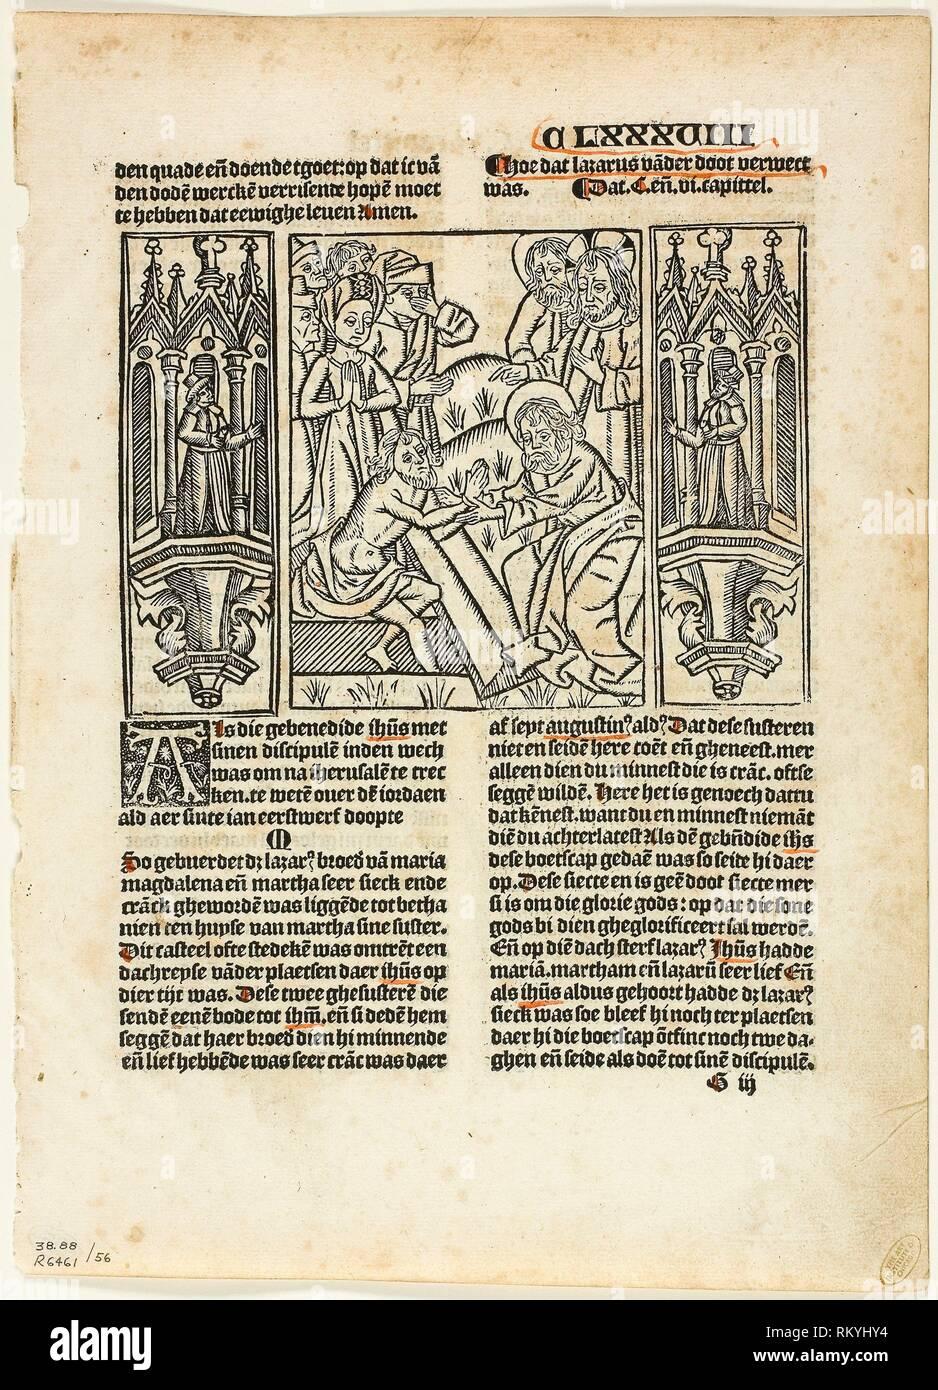 1512 Book Stock Photos & 1512 Book Stock Images - Alamy